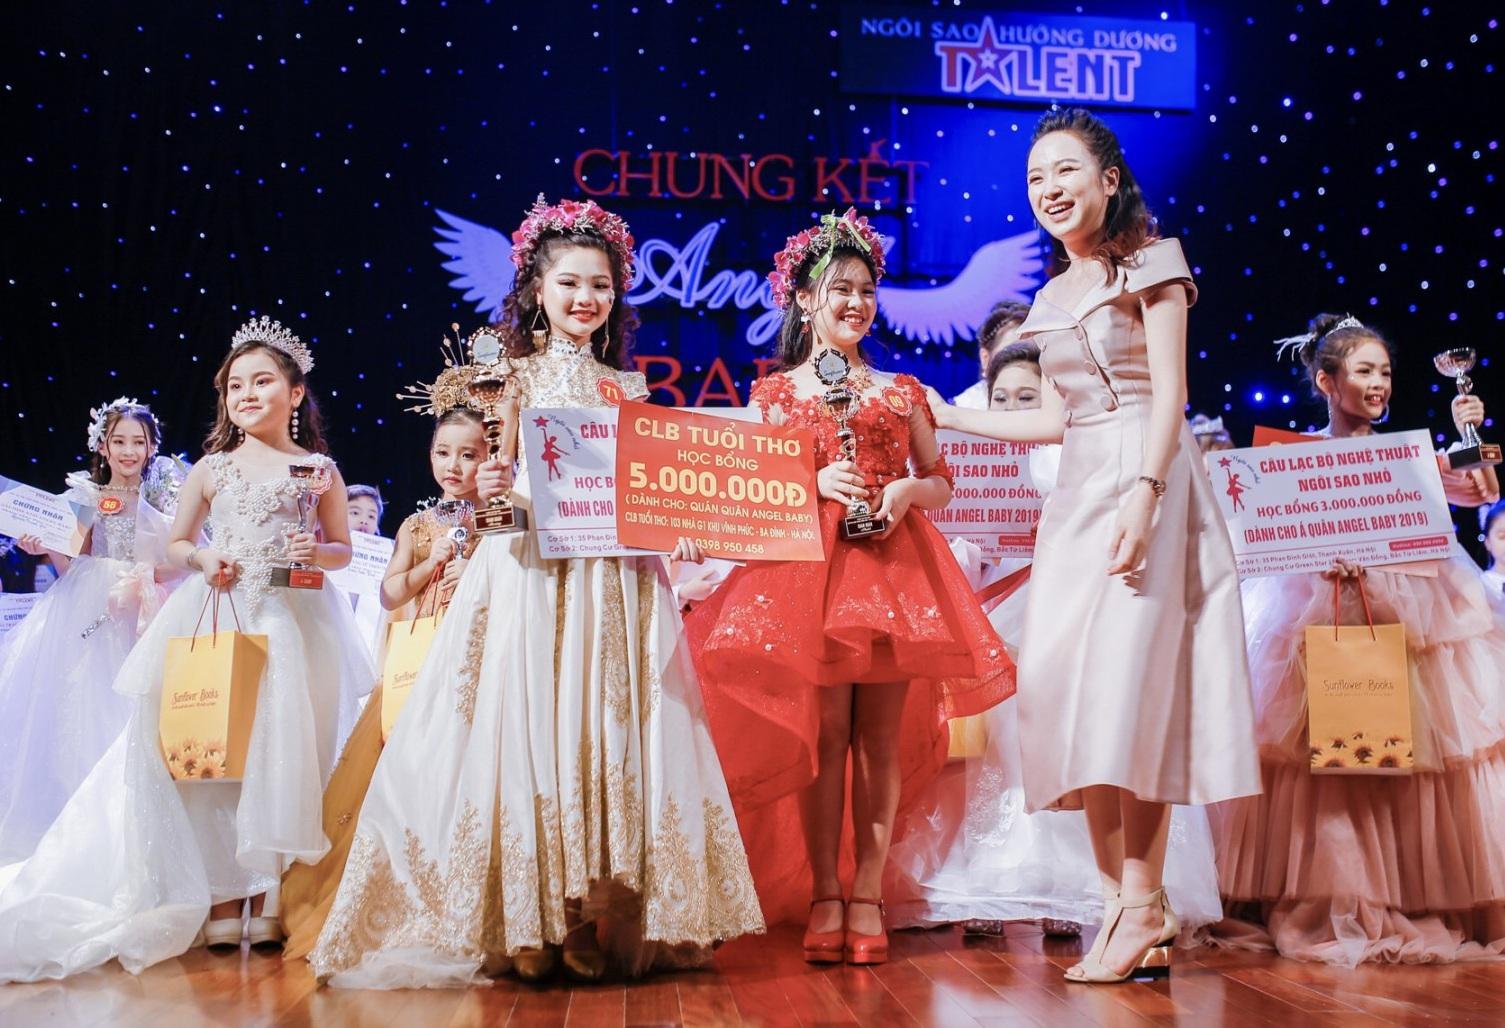 Thí sinh đến từ Bắc Ninh giành giải Quán quân cuộc thi Tìm kiếm Tài năng nhí Angel Baby